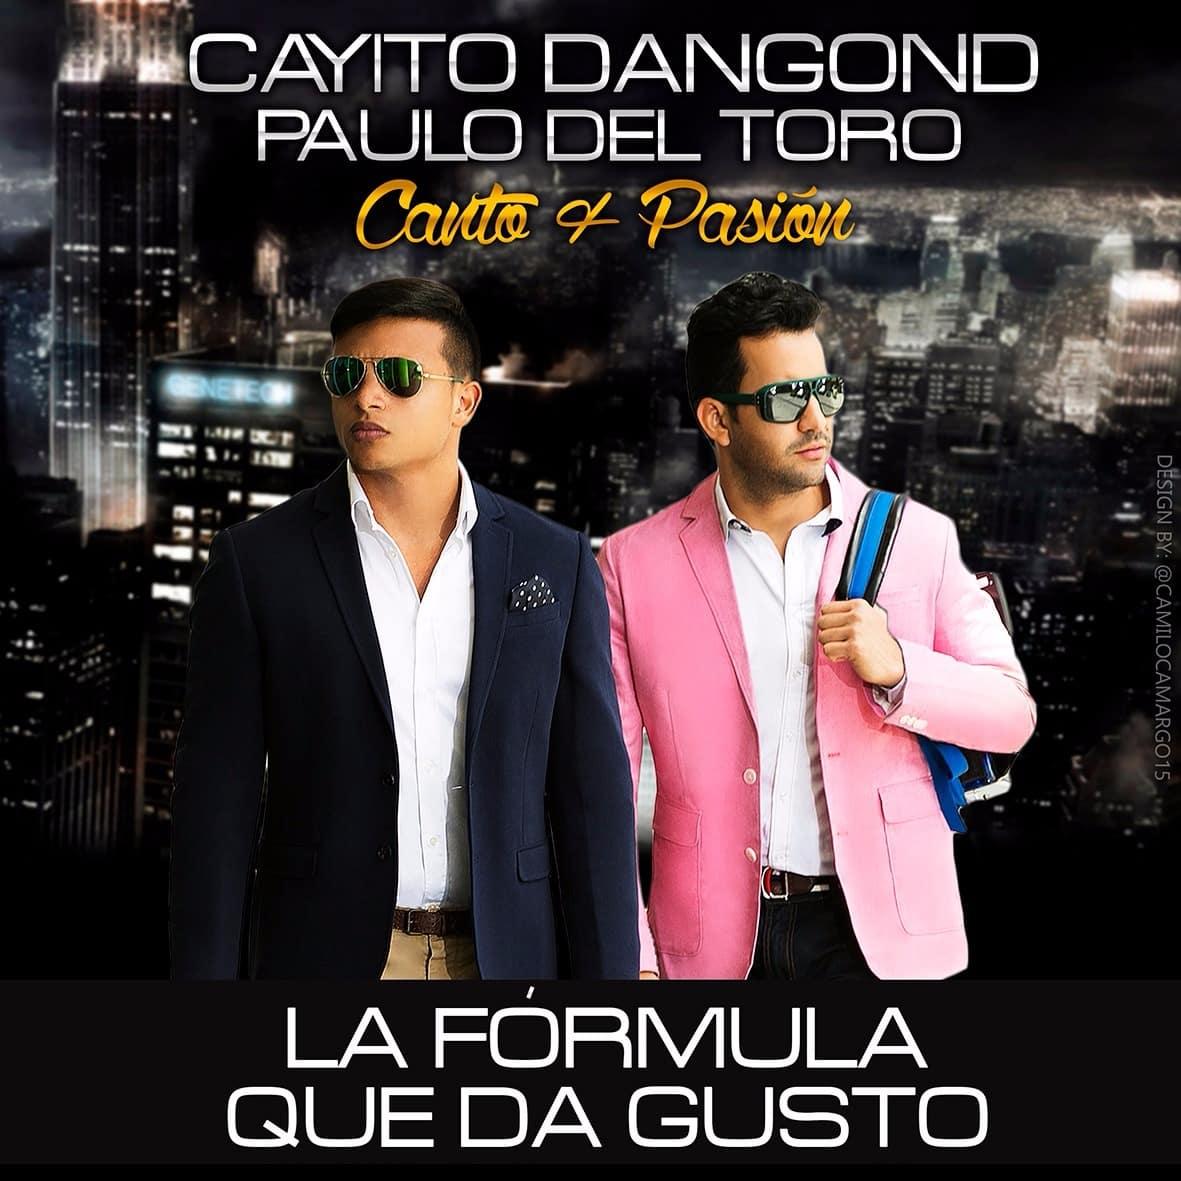 CAYITO DANGOND & PAULO DEL TORO LA FÓRMULA QUE DA GUSTO